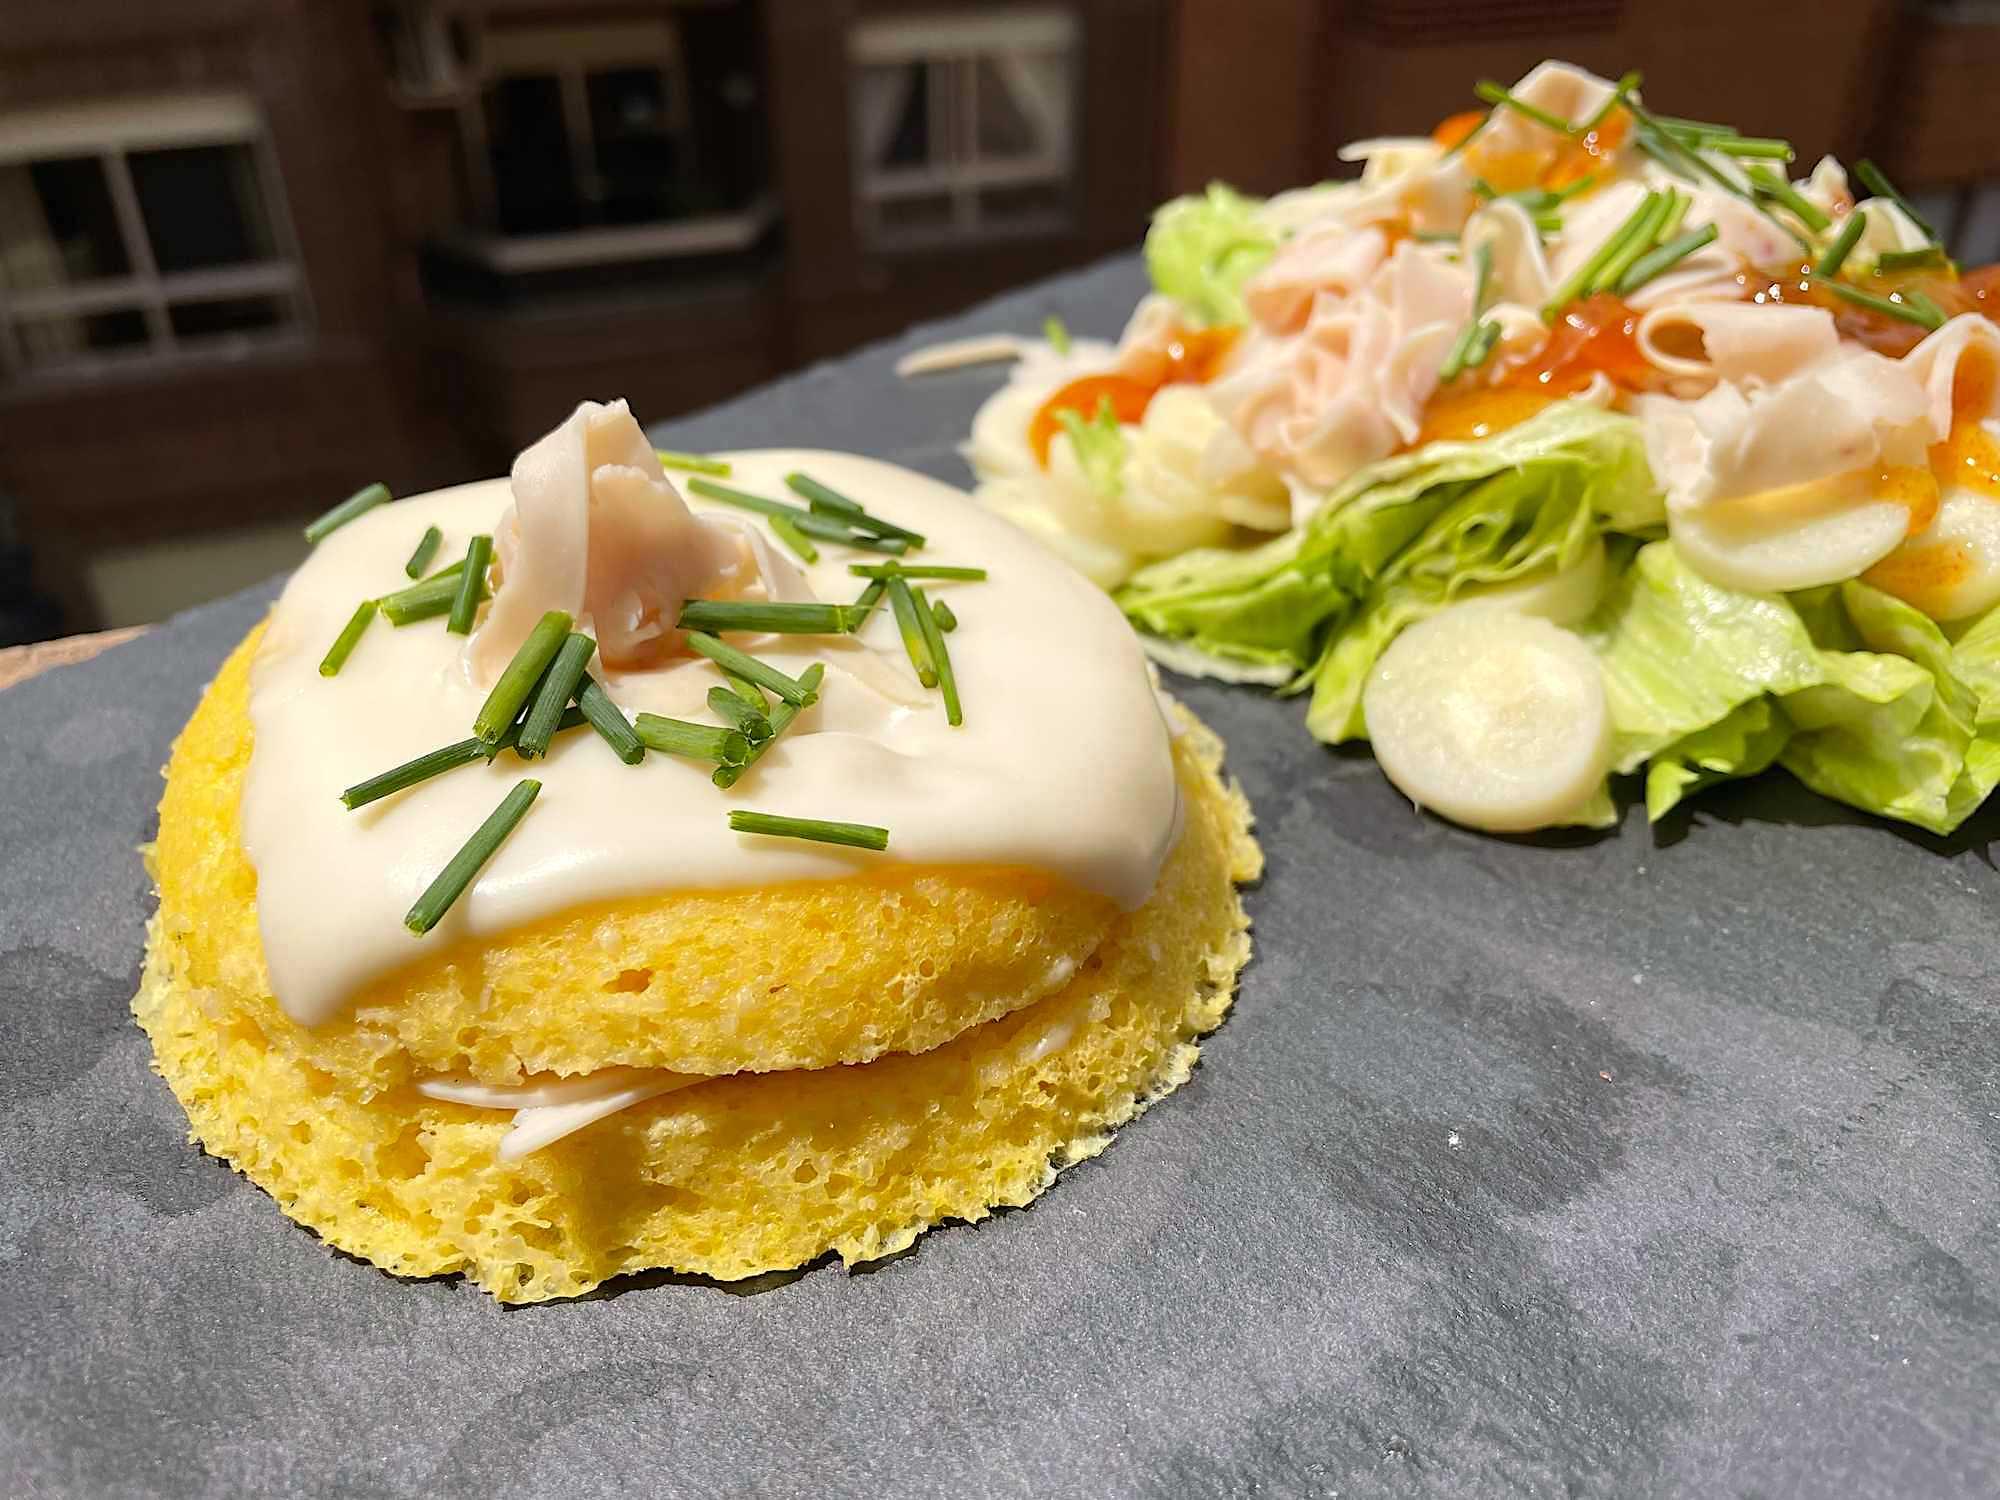 La semoule reproduit l'aspect du pain de mie qui compose un croque monsieur traditionnel. Une salade, laitue, tomates et oignons accompagne ce plat.